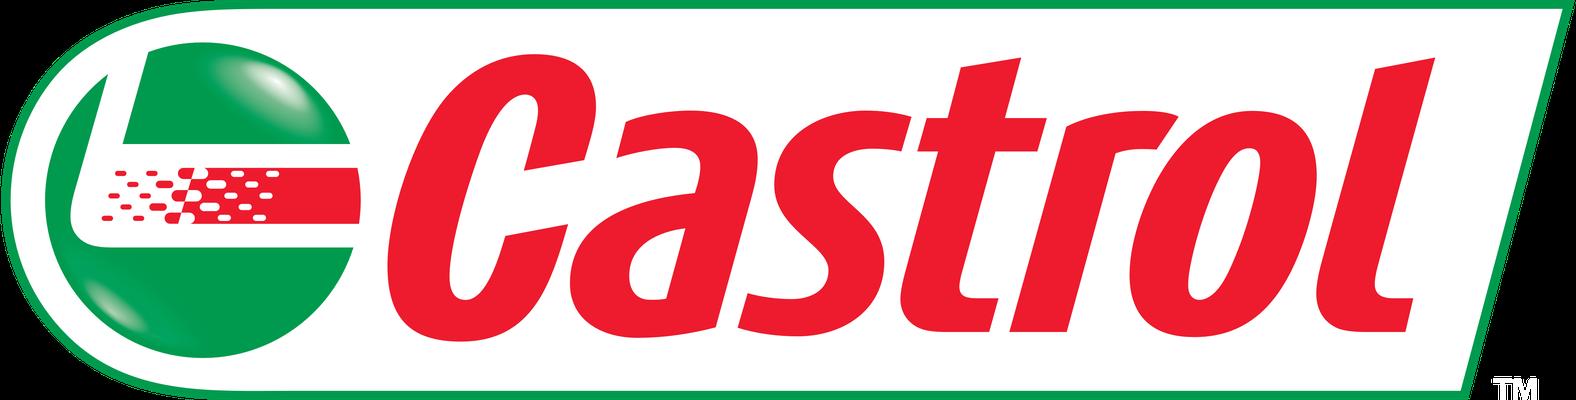 Castrol Österreich